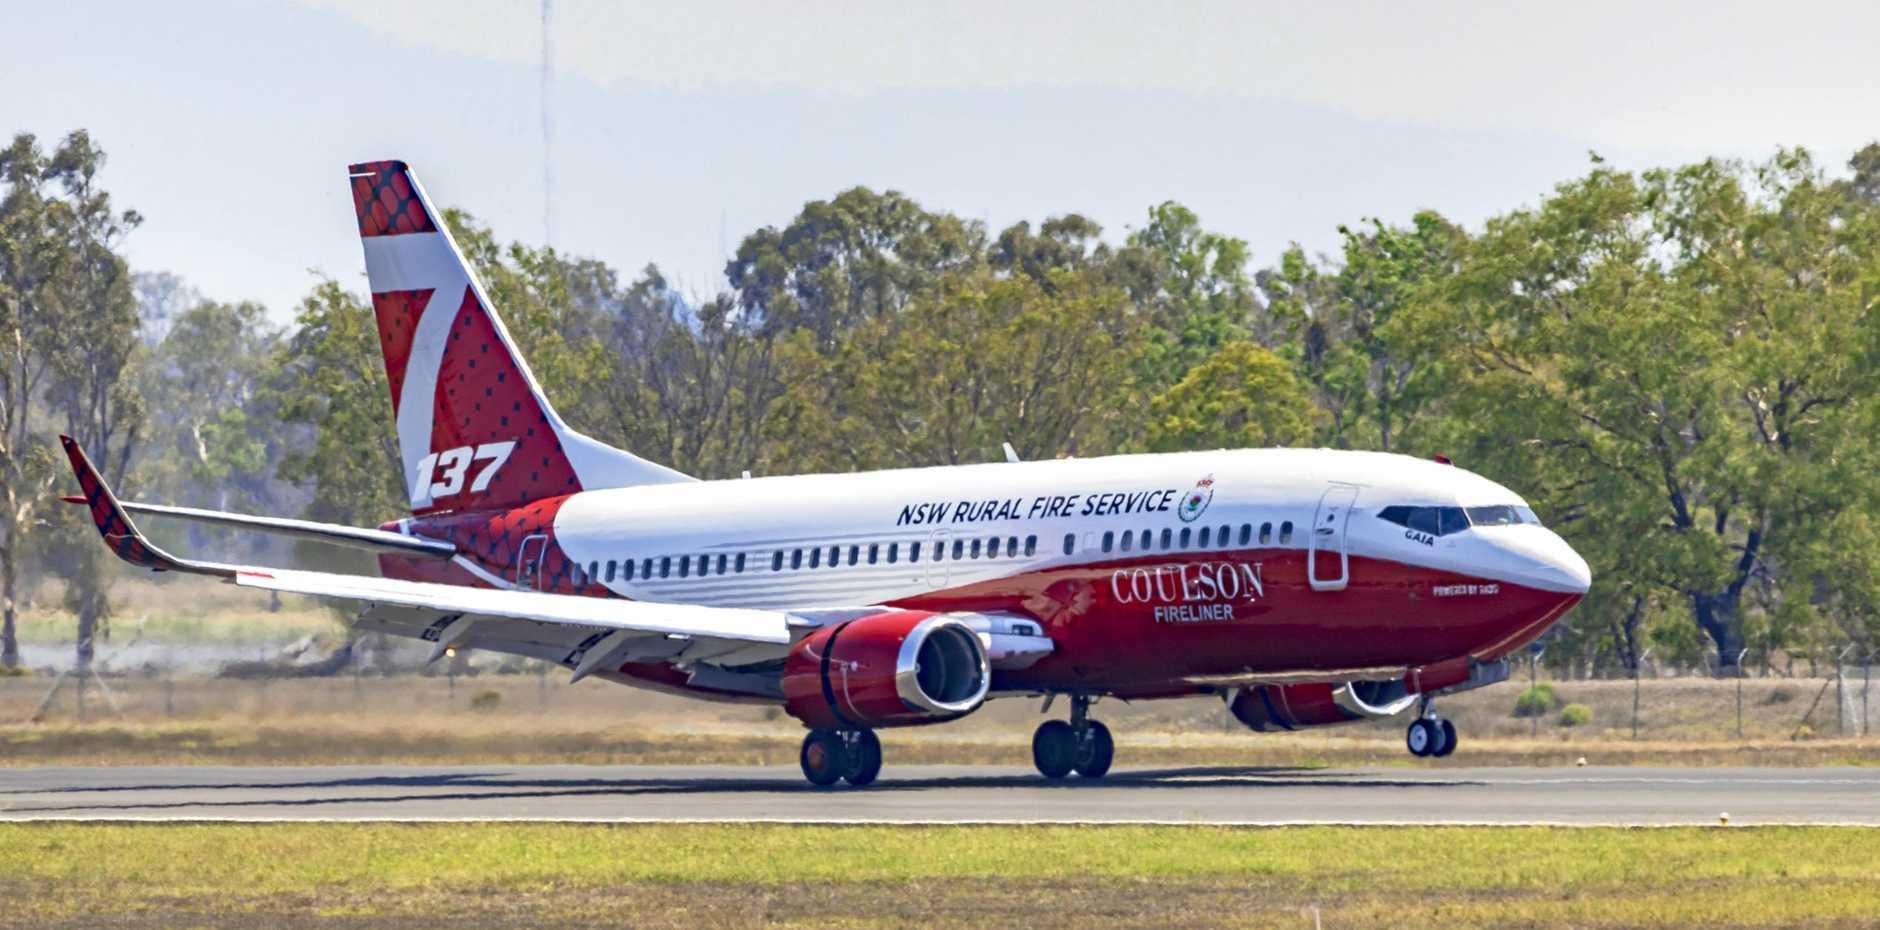 NSW Rural Fire Service Boeing 737-3H4 Water Bomber landing at Rockhampton Airport